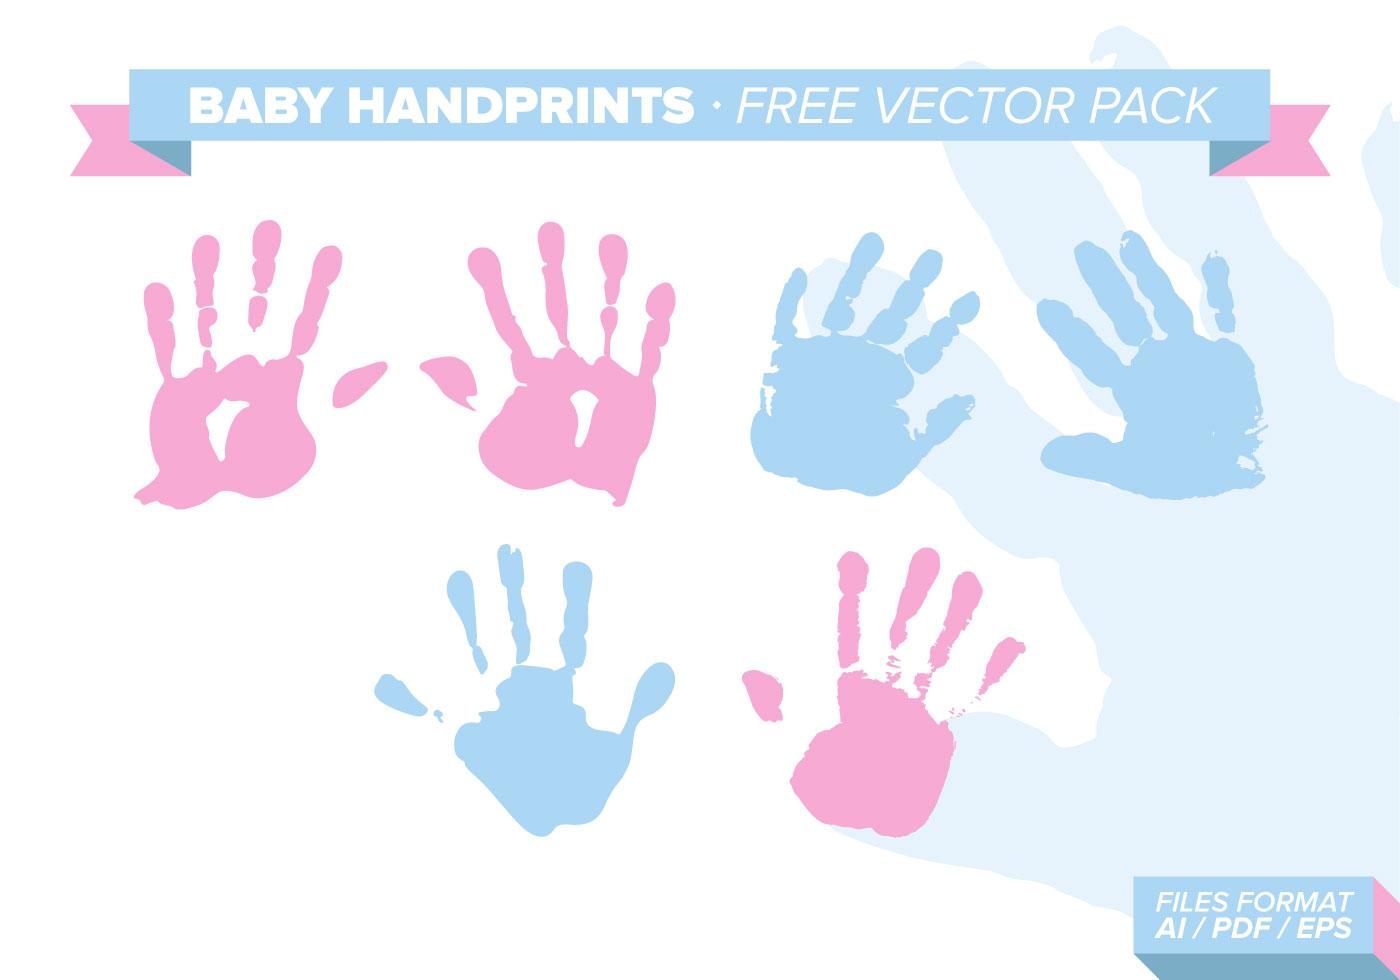 Baby Handprints Free Vector Pack Download Free Vectors